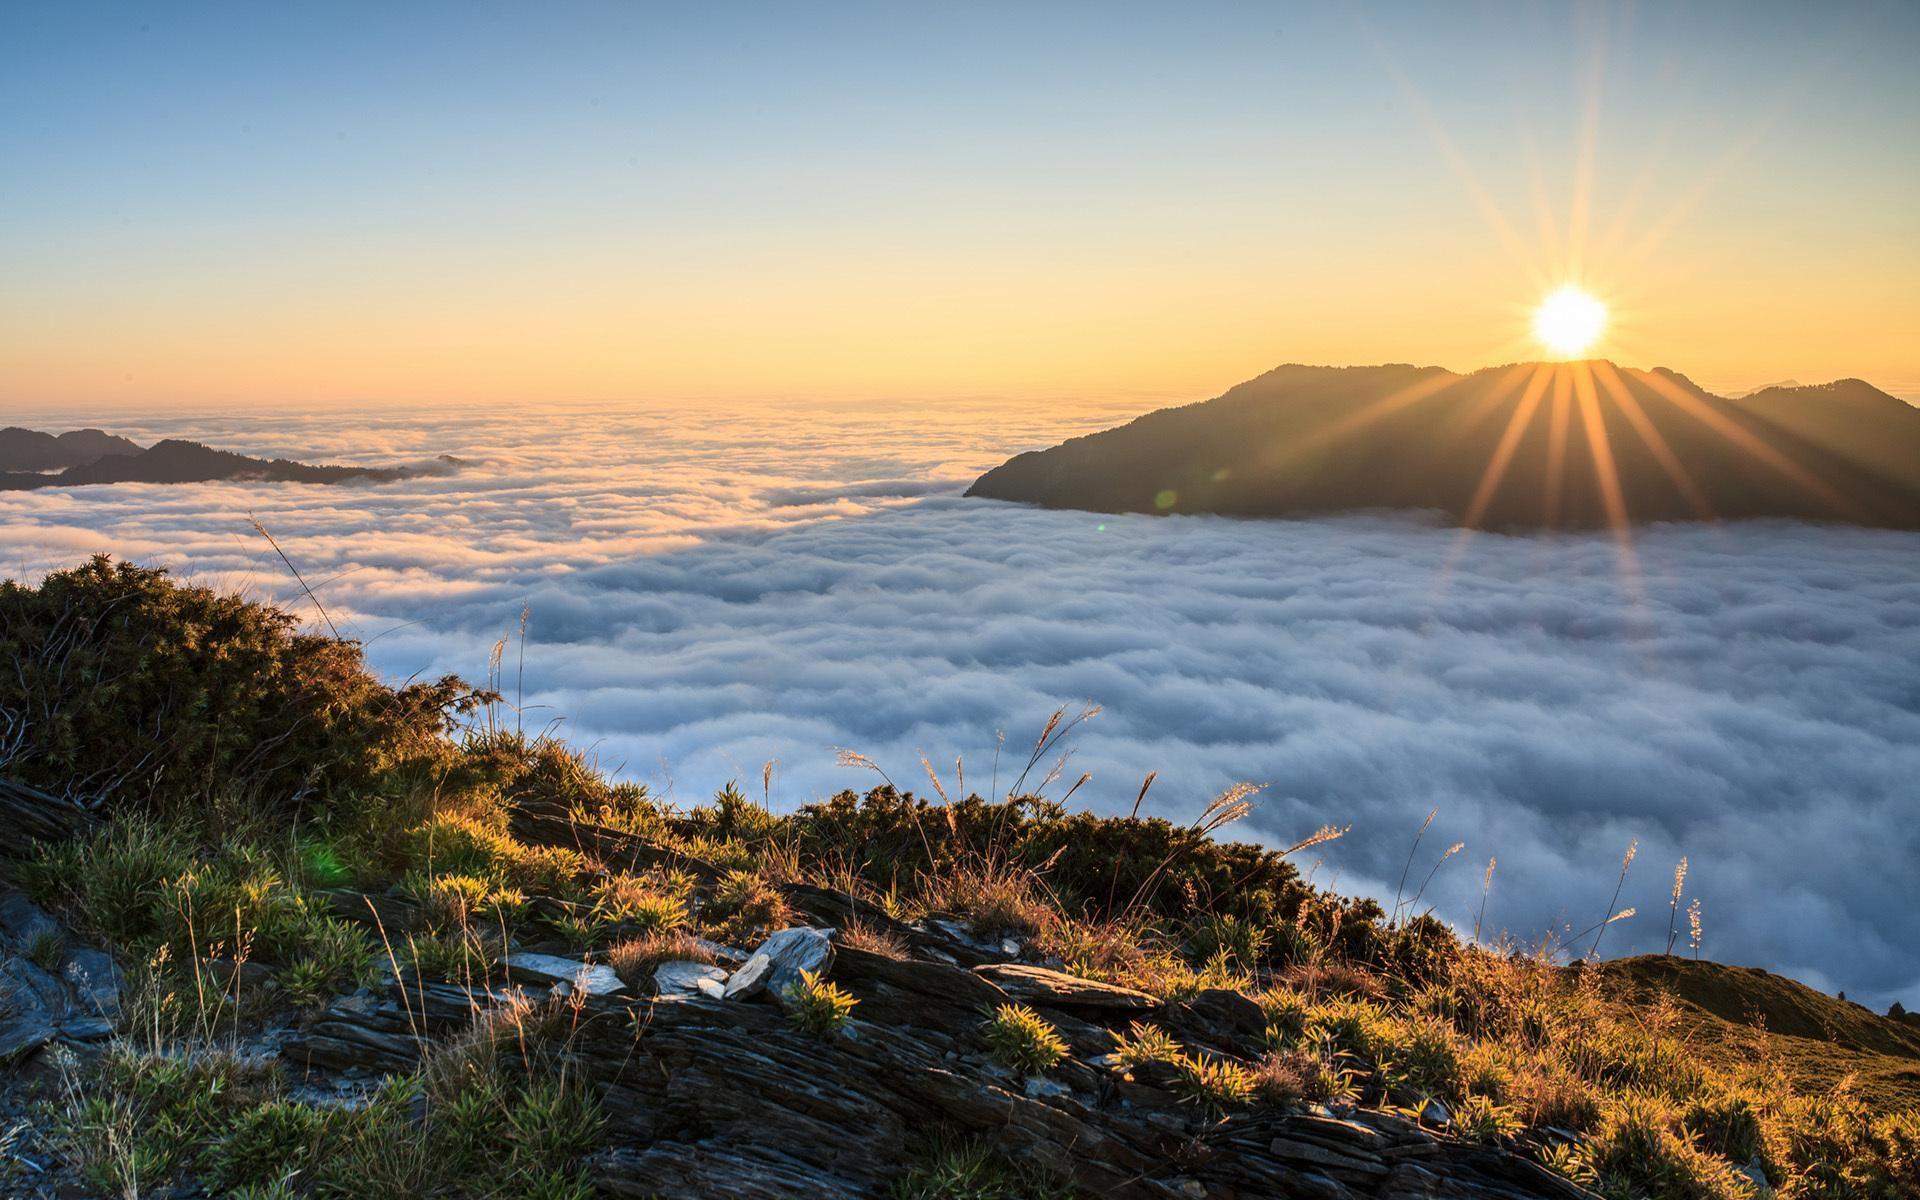 Negeri Di Atas Awan Puncak B29 Di Lumajang Provinsi Jawa Timur Jawa Timur Pemandangan Awan Pemandangan Khayalan